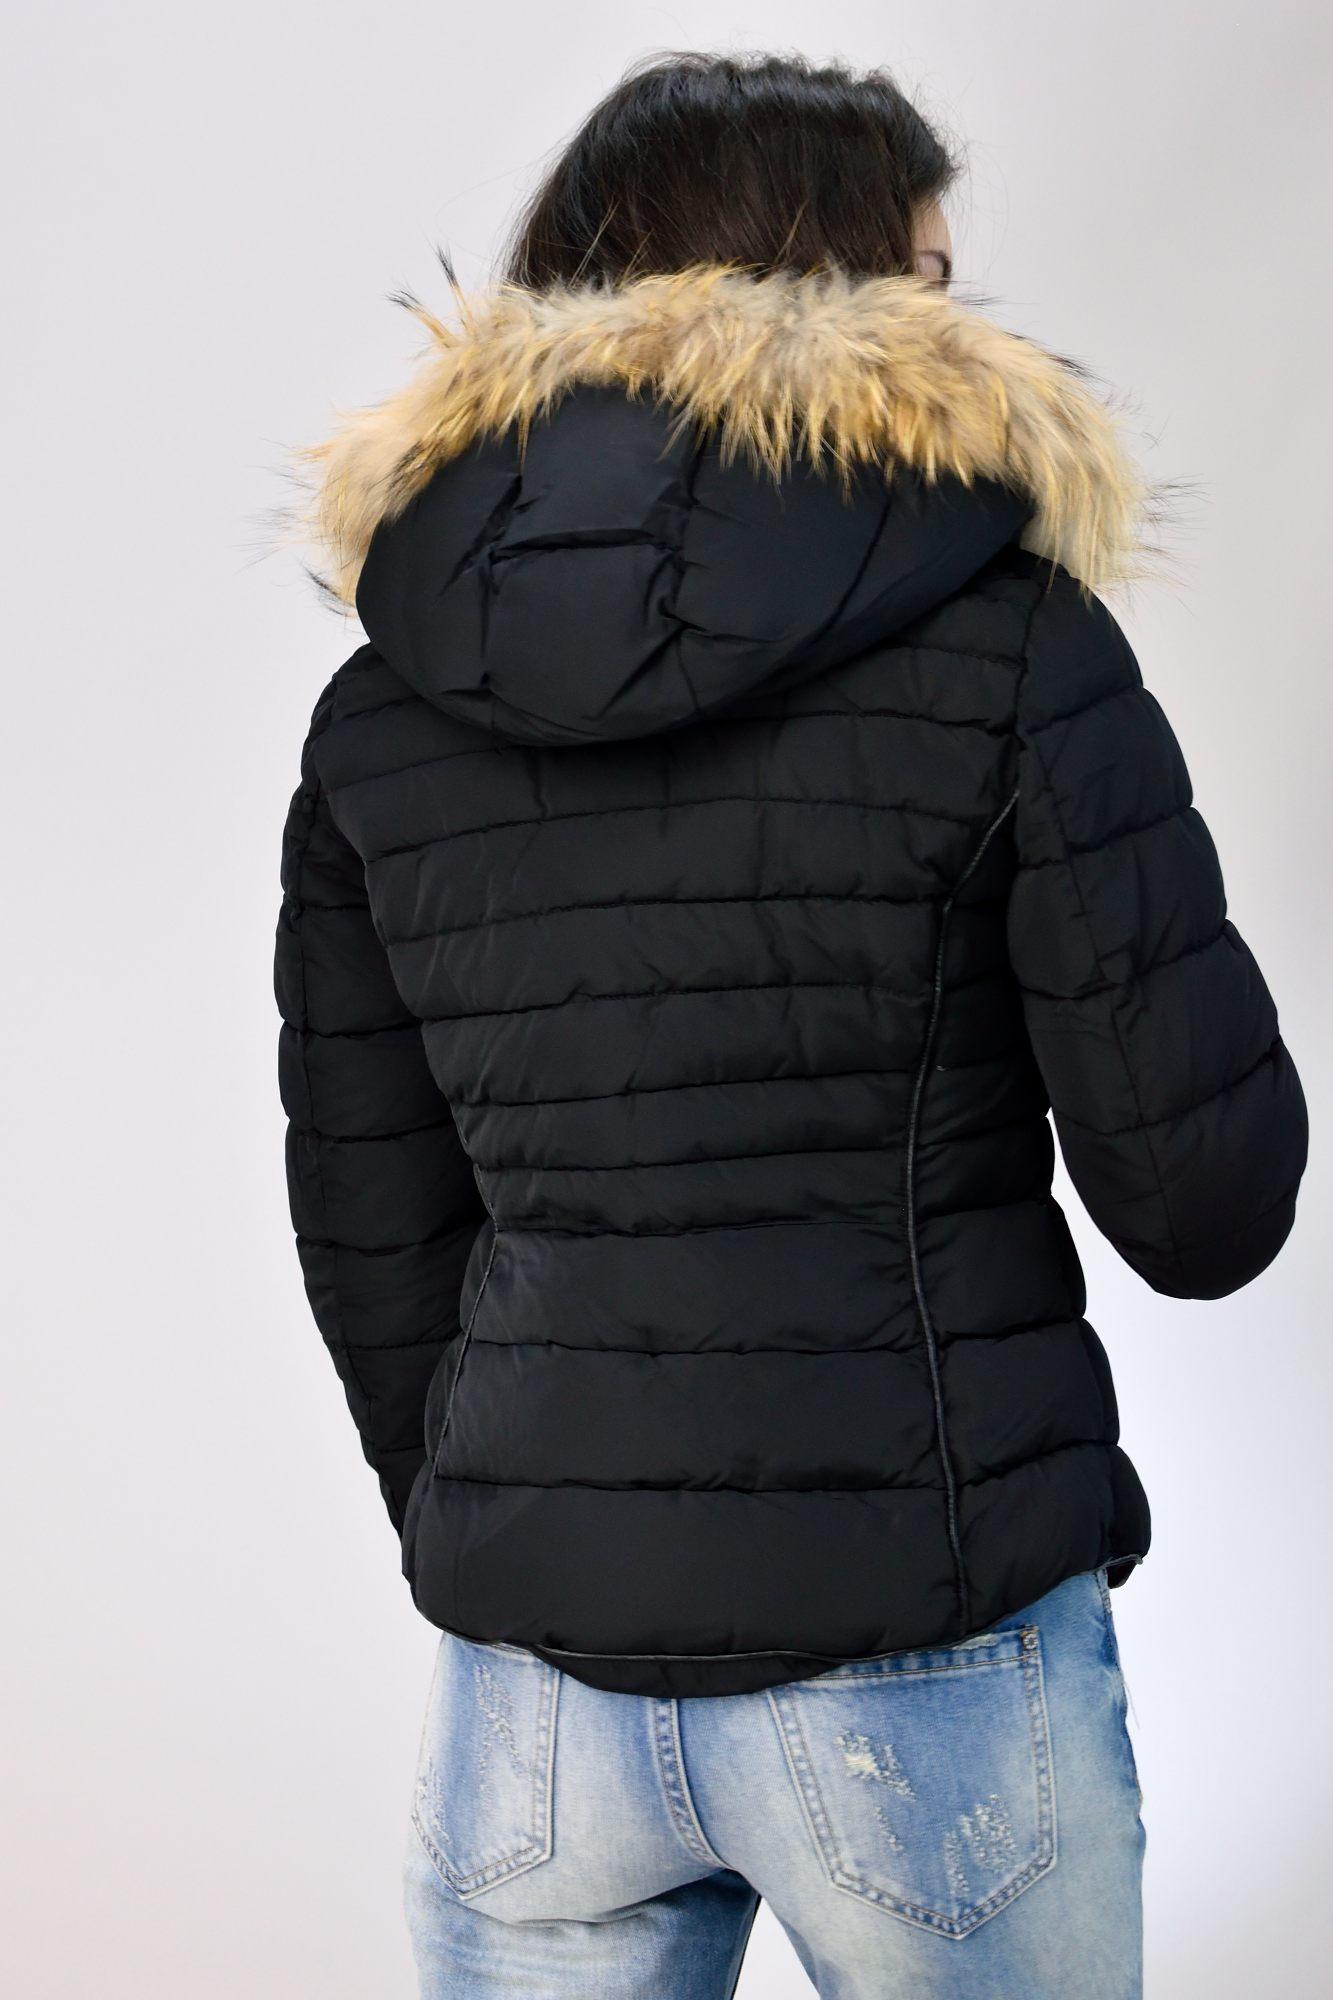 992d930110a Καπιτονέ μπουφάν με κουκούλα μαύρο - Γυναικεία μπουφάν | POTRE